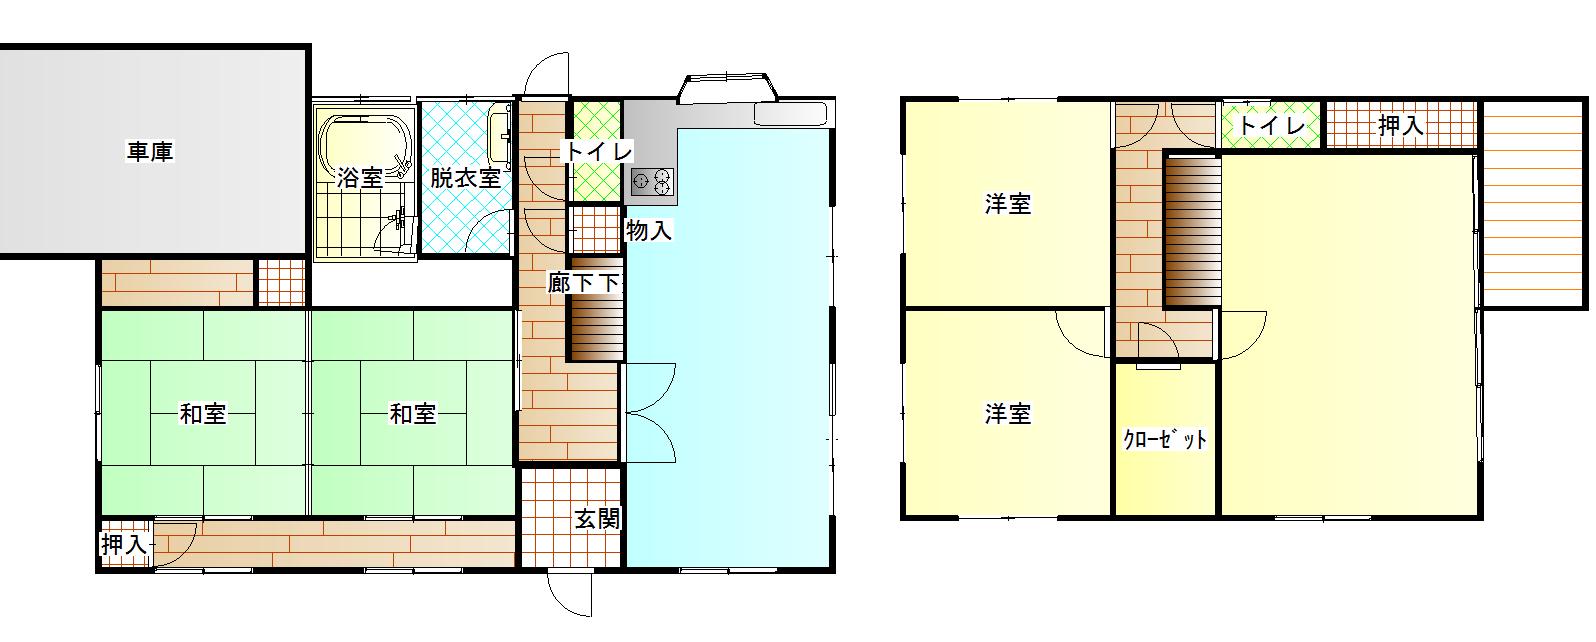 佐喜浜町 売却物件(B30)